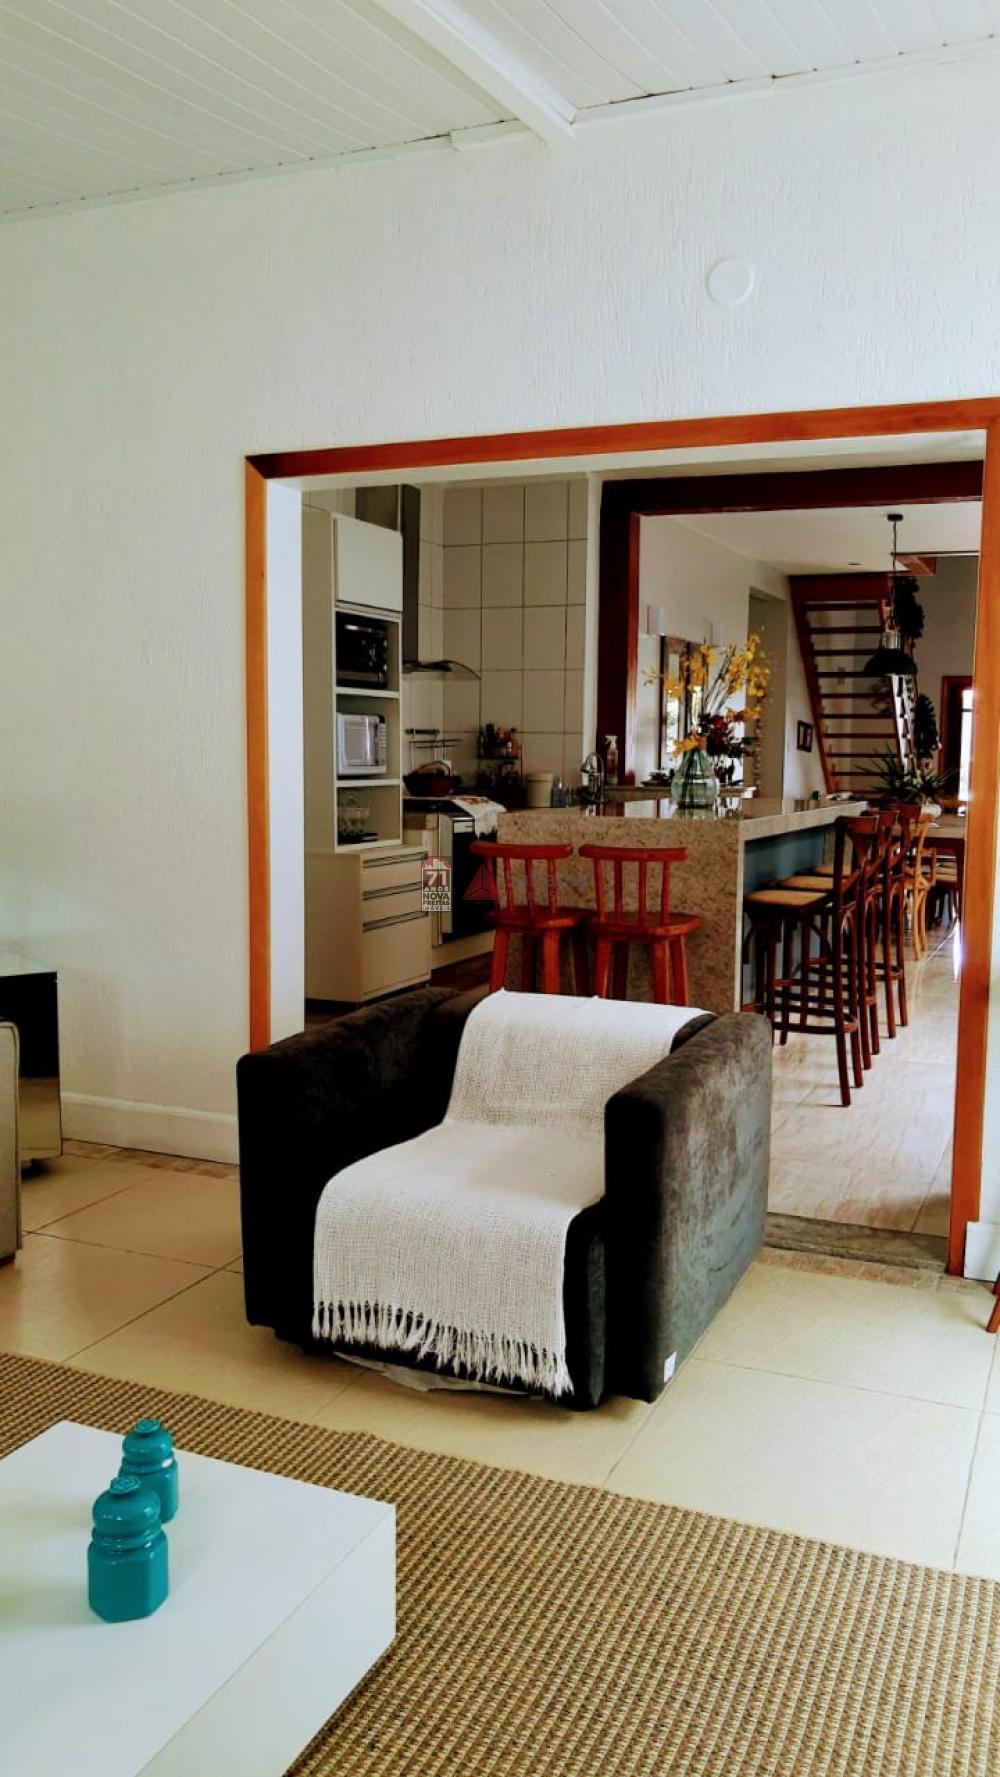 Comprar Casa / Sobrado em Caraguatatuba apenas R$ 1.600.000,00 - Foto 8